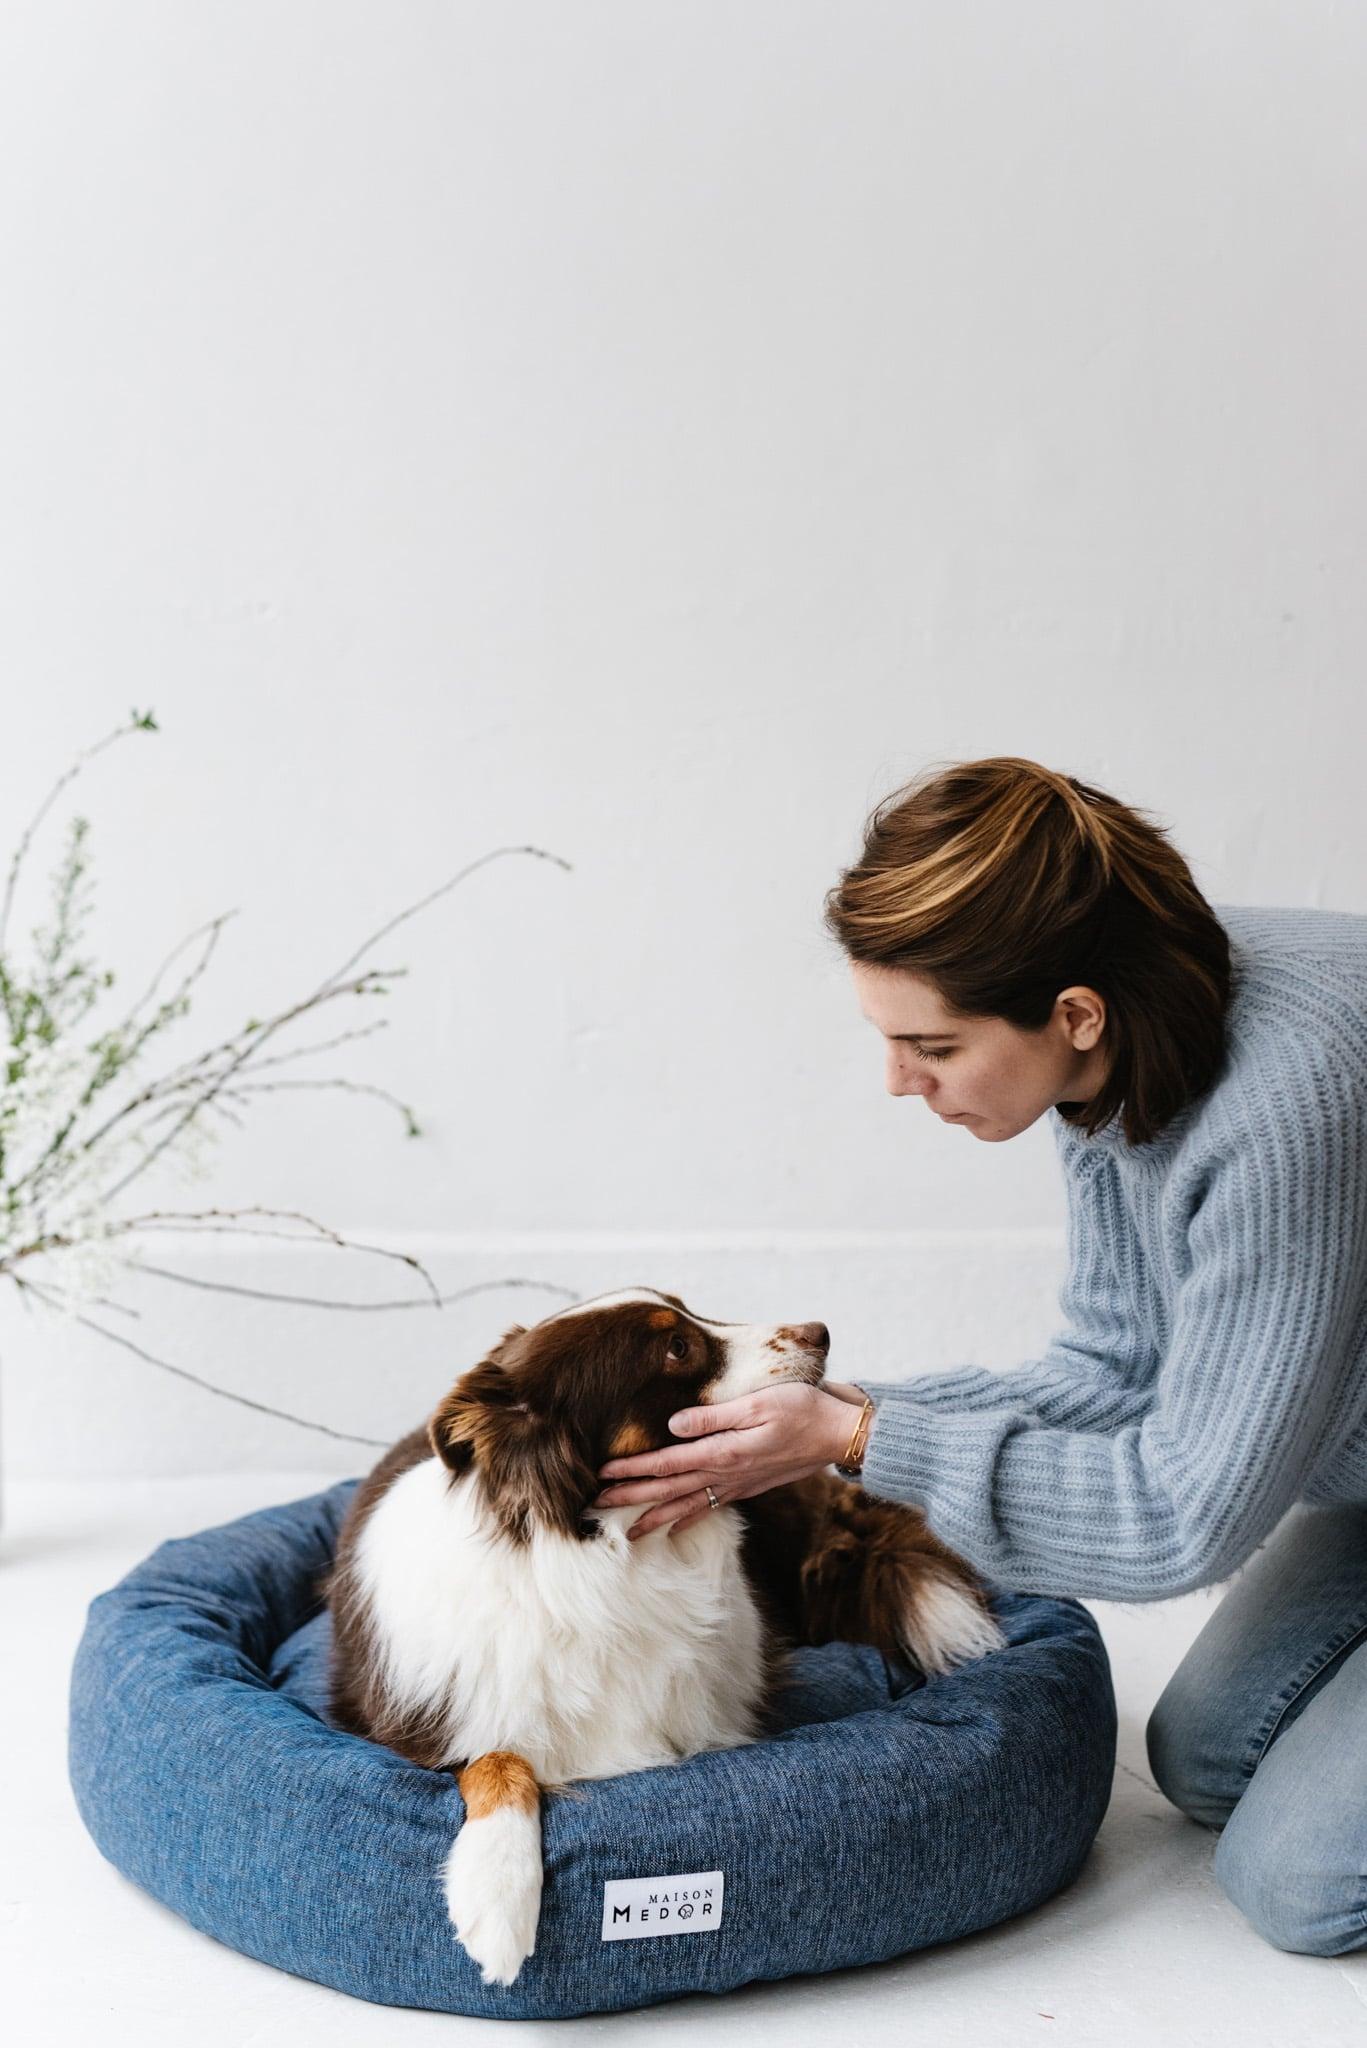 la fondatrice de la marque de coussins et paniers pour chien Maison Medor avec son chien dans un panier cesar